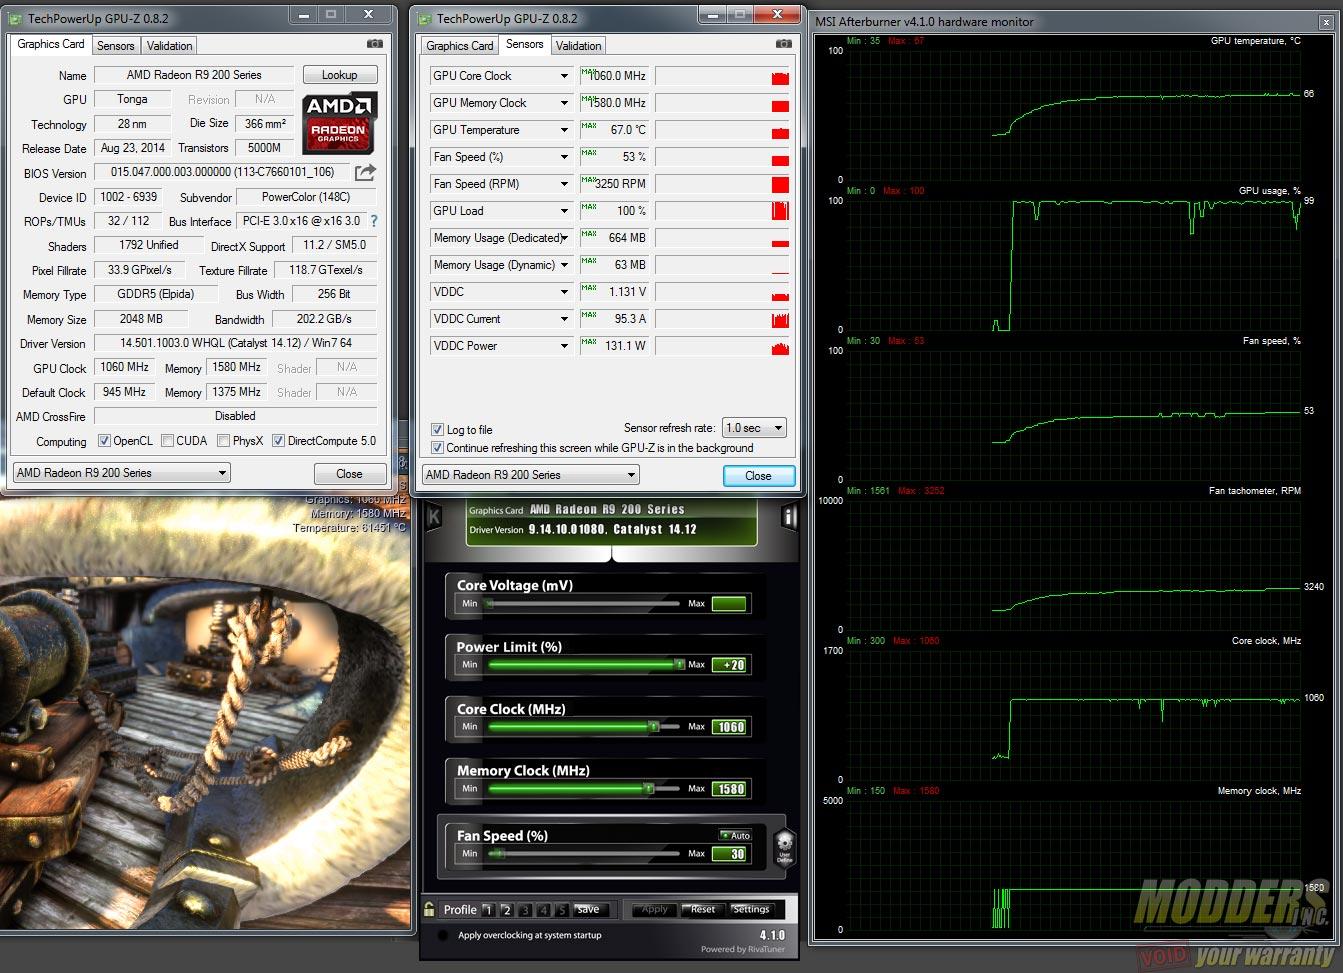 PowerColor R9 285 TurboDuo Default FAN 1060MHz Core 1500MHz Mem